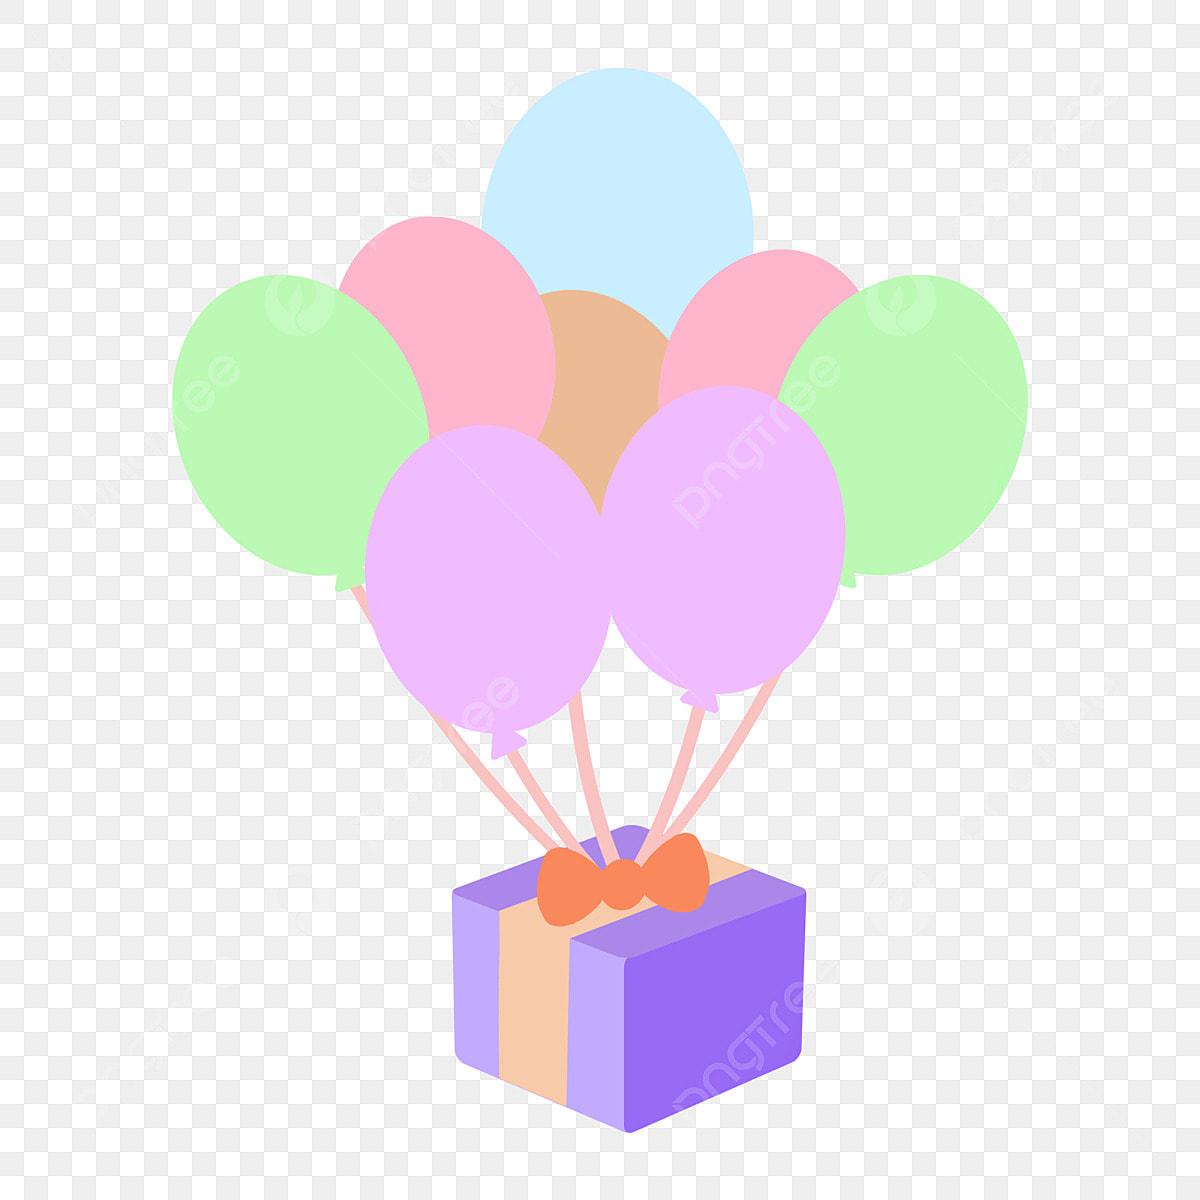 بالونات عائمة صندوق هدايا أرجواني زخرفة صندوق هدايا صندوق هدايا كارتون كذبة بالونات عائمة زخرفة صندوق هدايا Png وملف Psd للتحميل مجانا